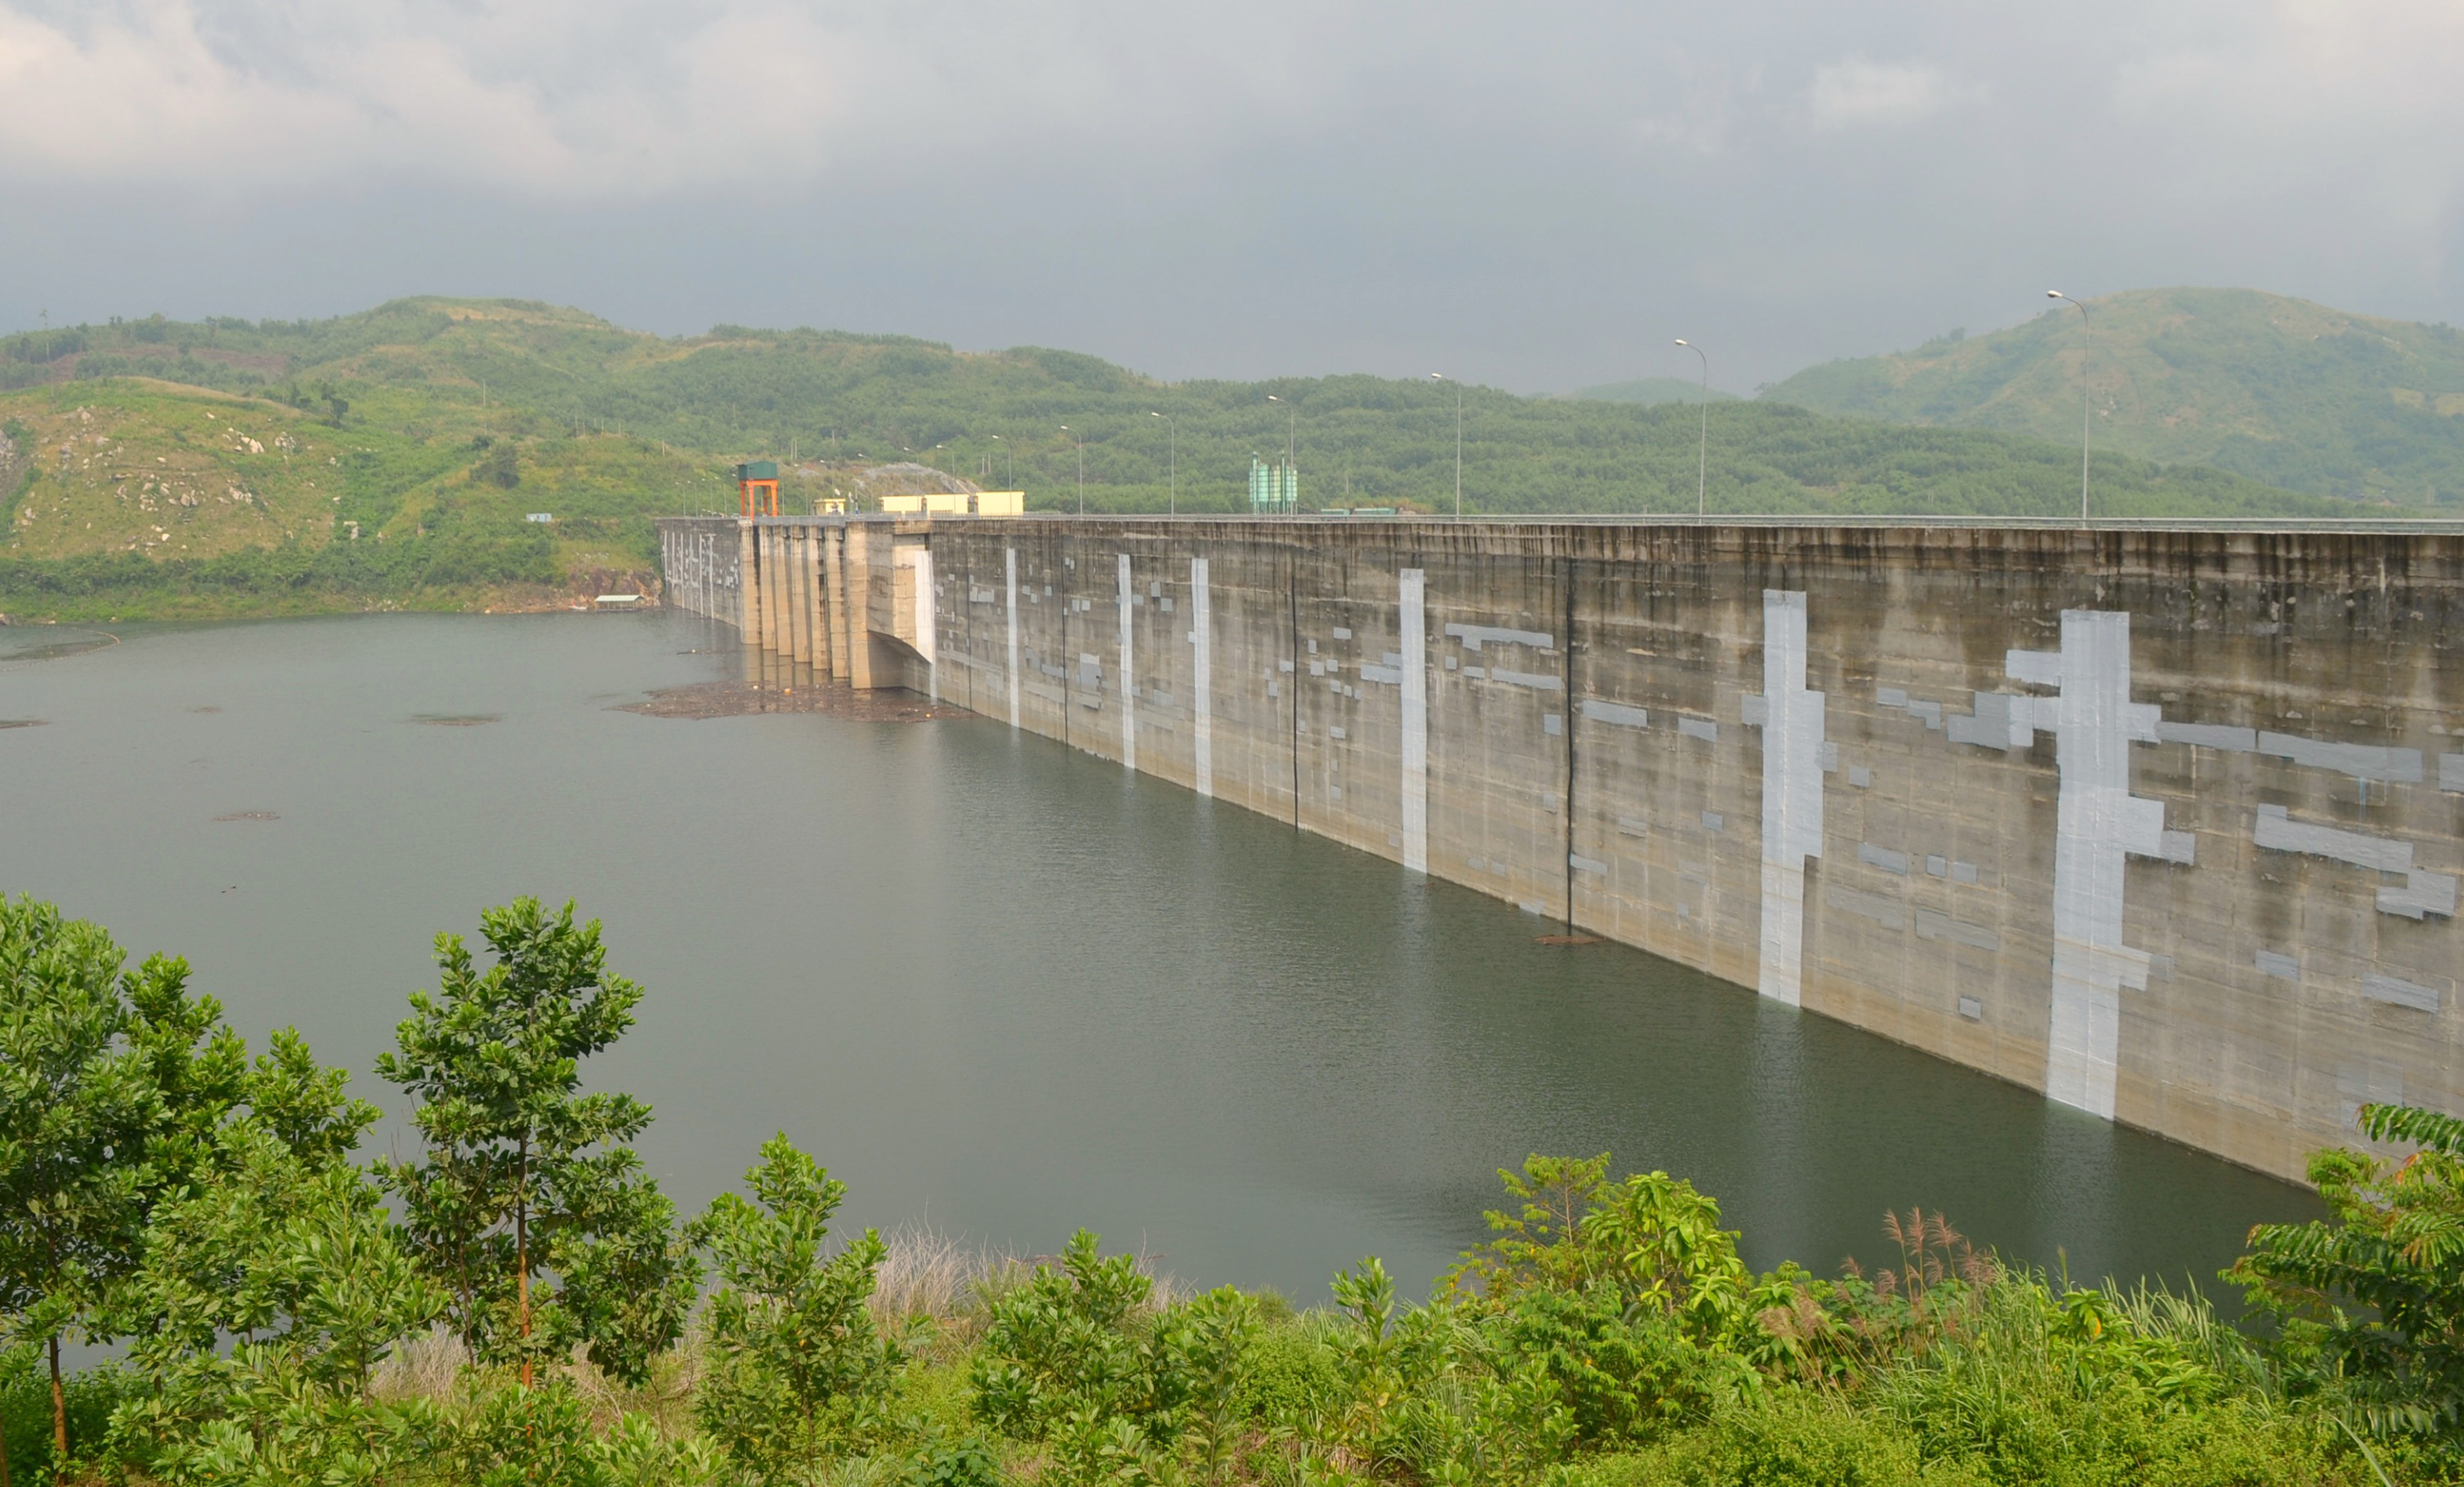 6 trận động đất trong 3 ngày gần thủy điện Sông Tranh 2  Quảng Nam